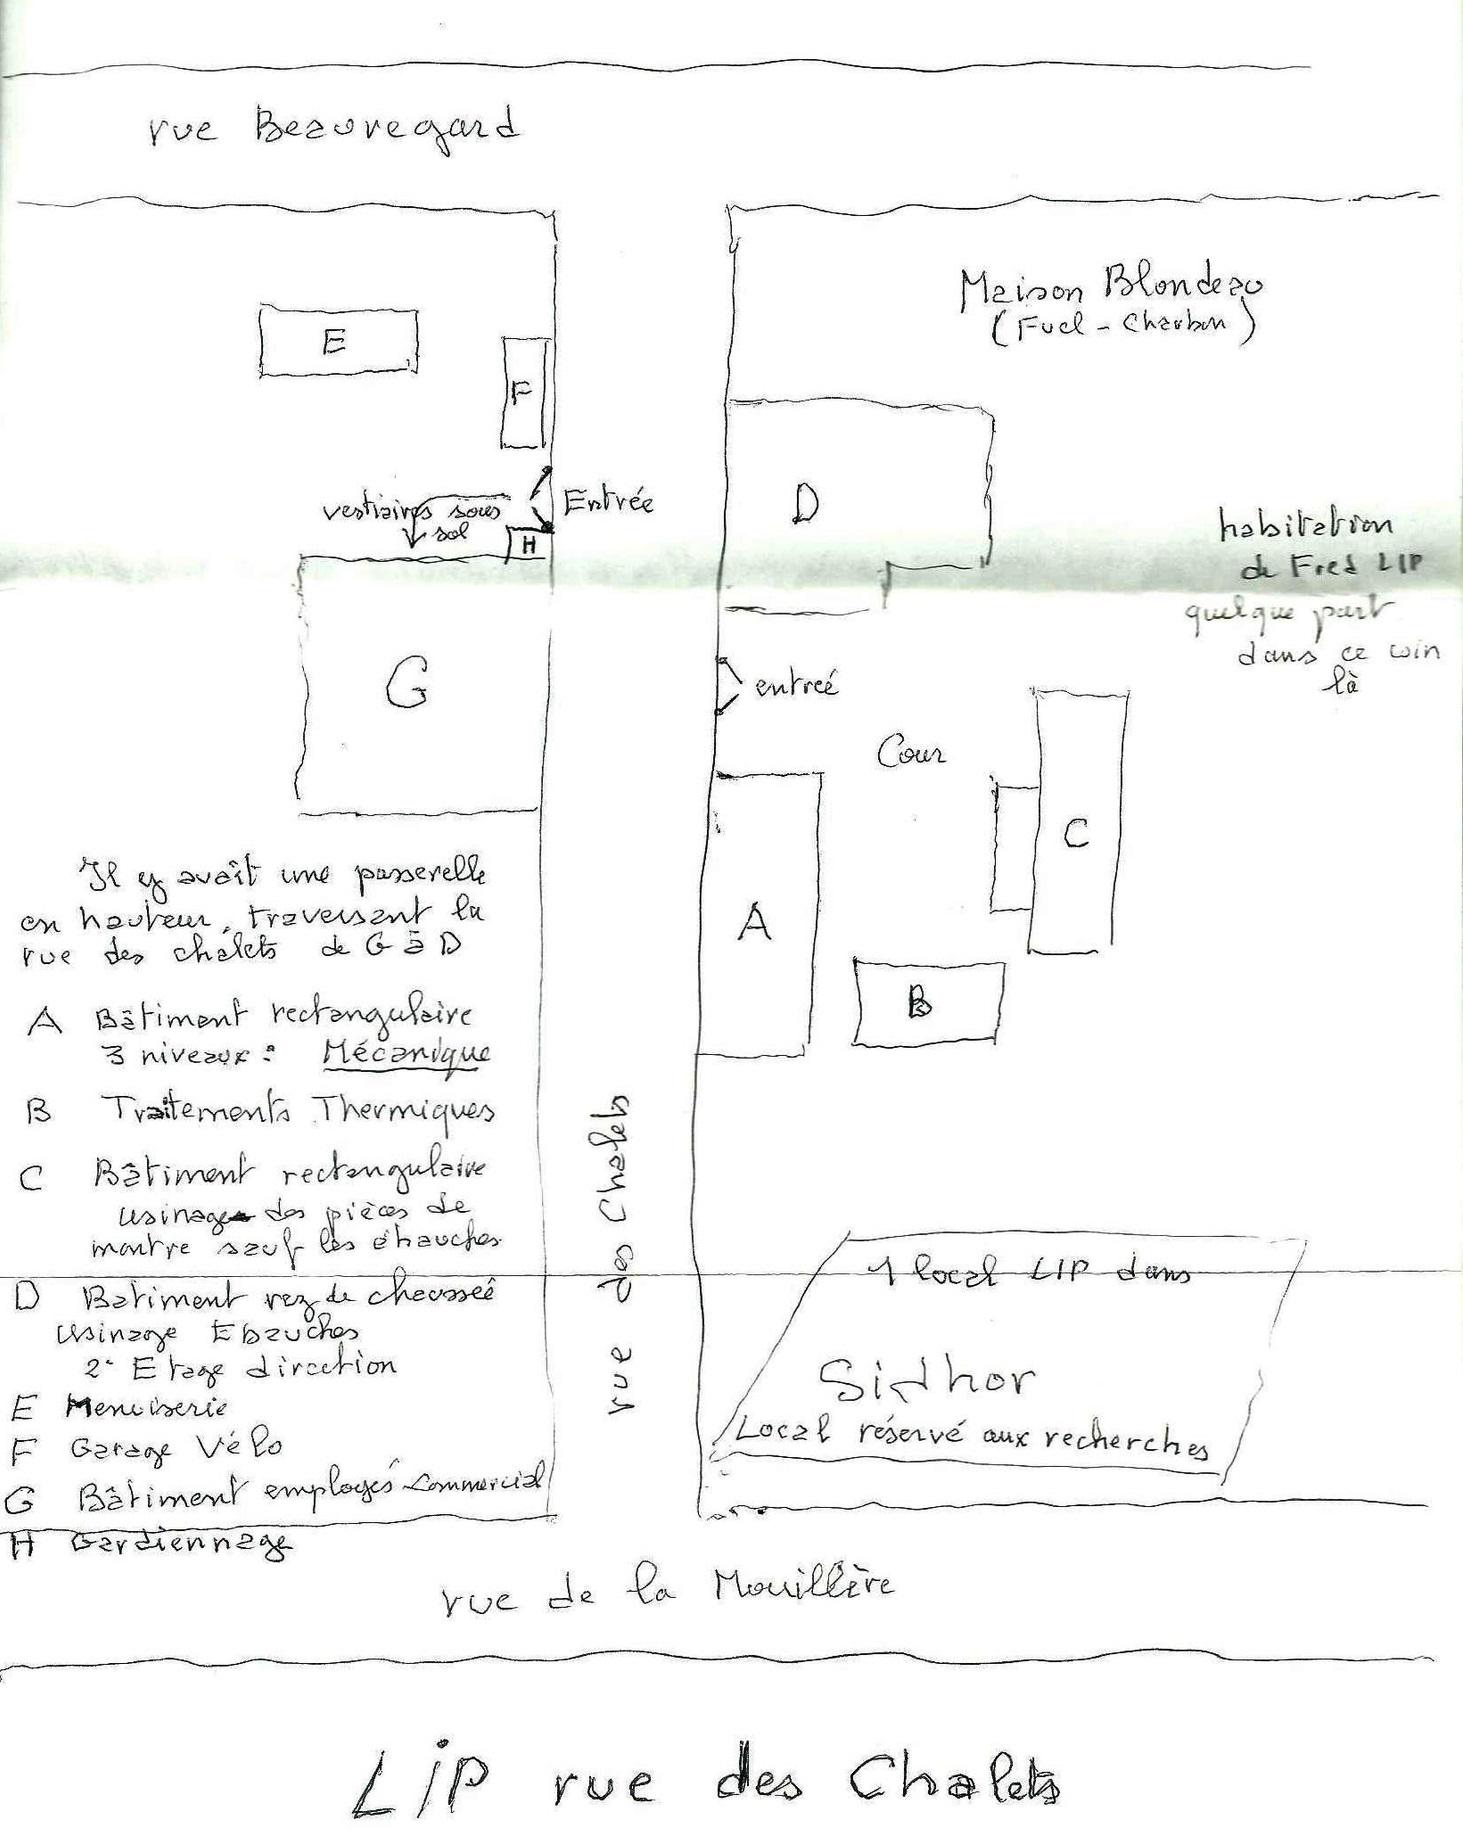 Plan de l'Usine de la Mouillère par Charles Piaget